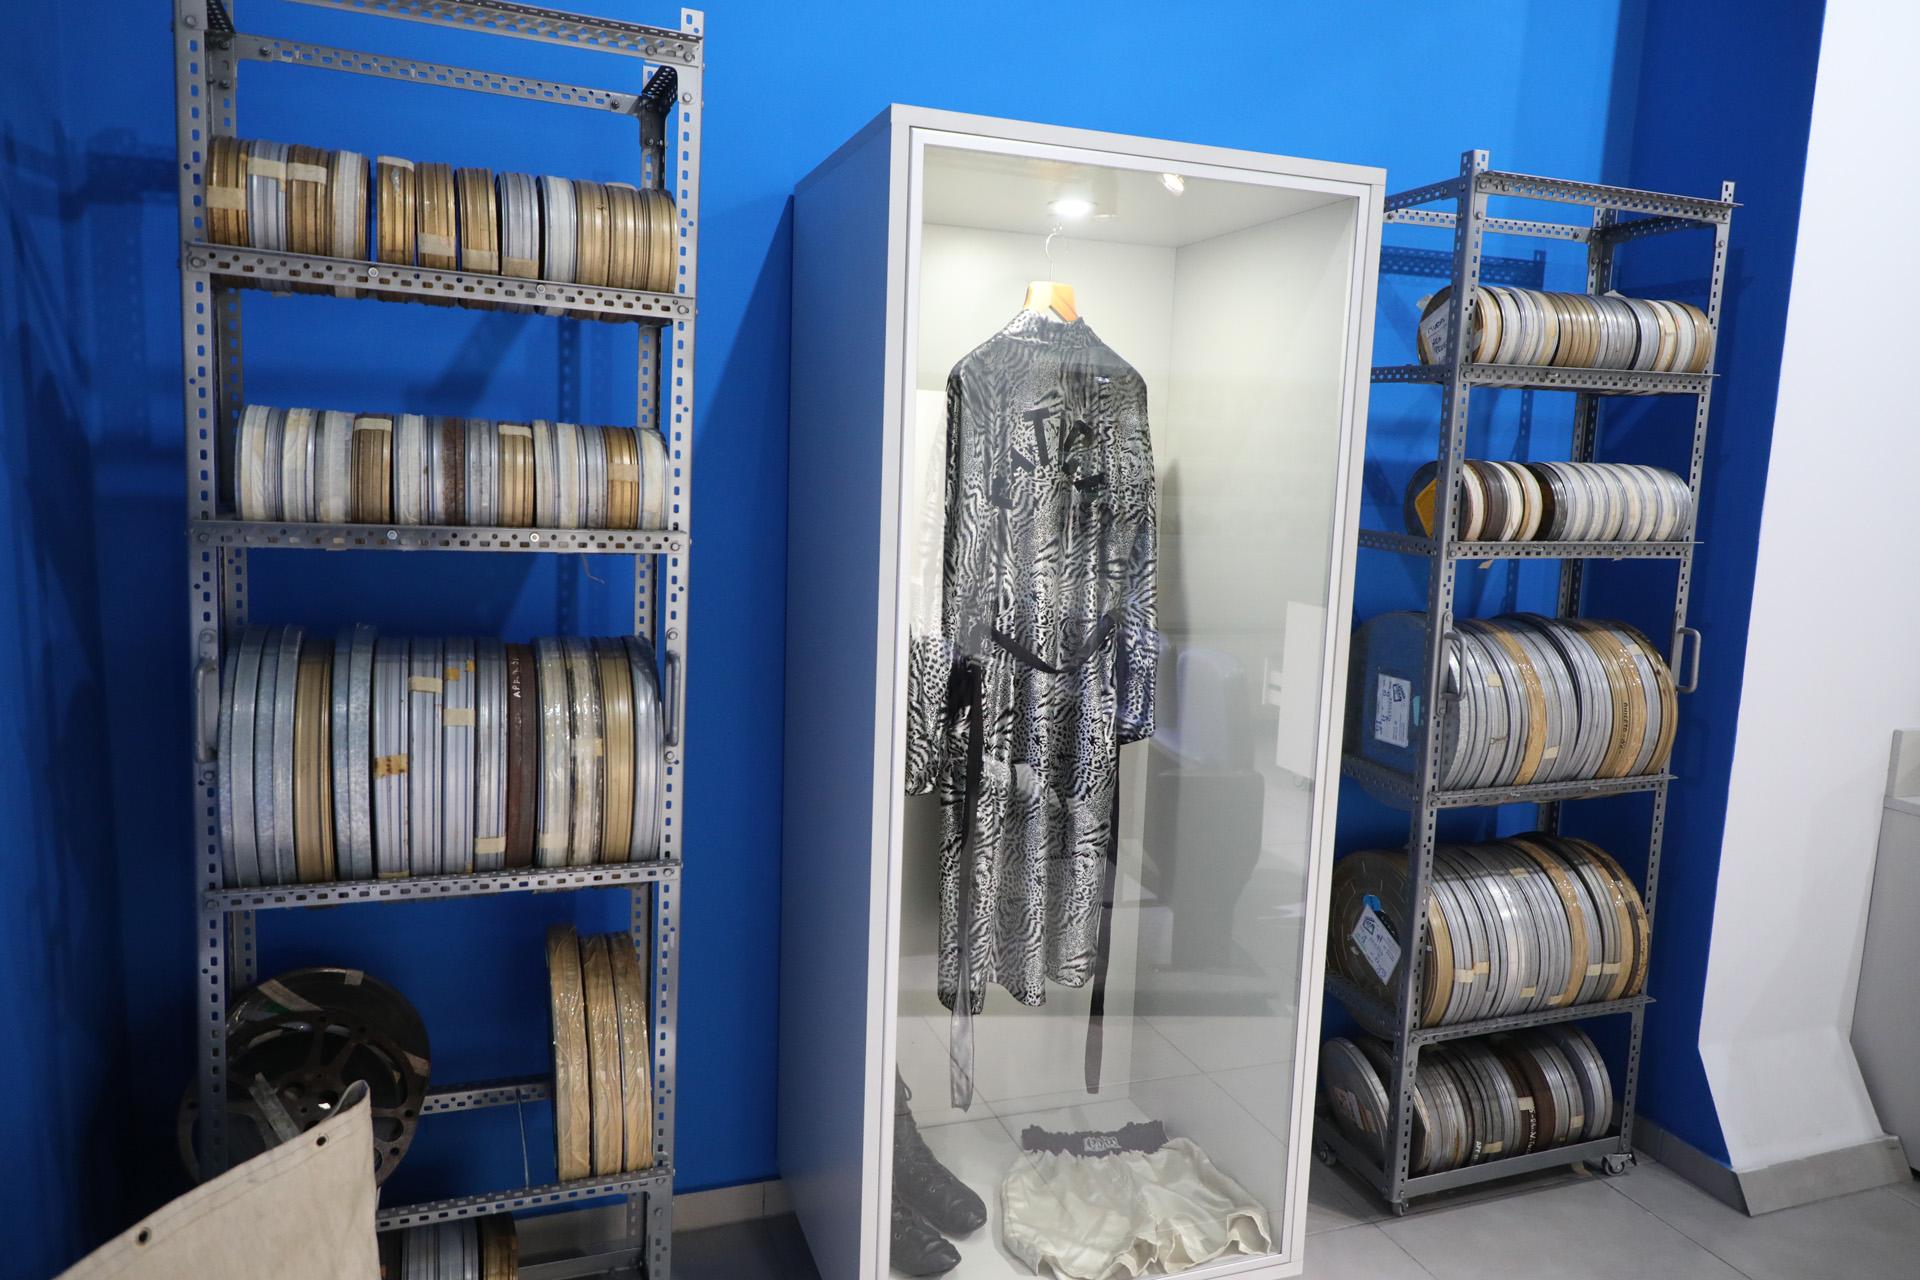 Latas de filmes y la célebre bata de Gatica (Prensa Municipalidad de Avellaneda)